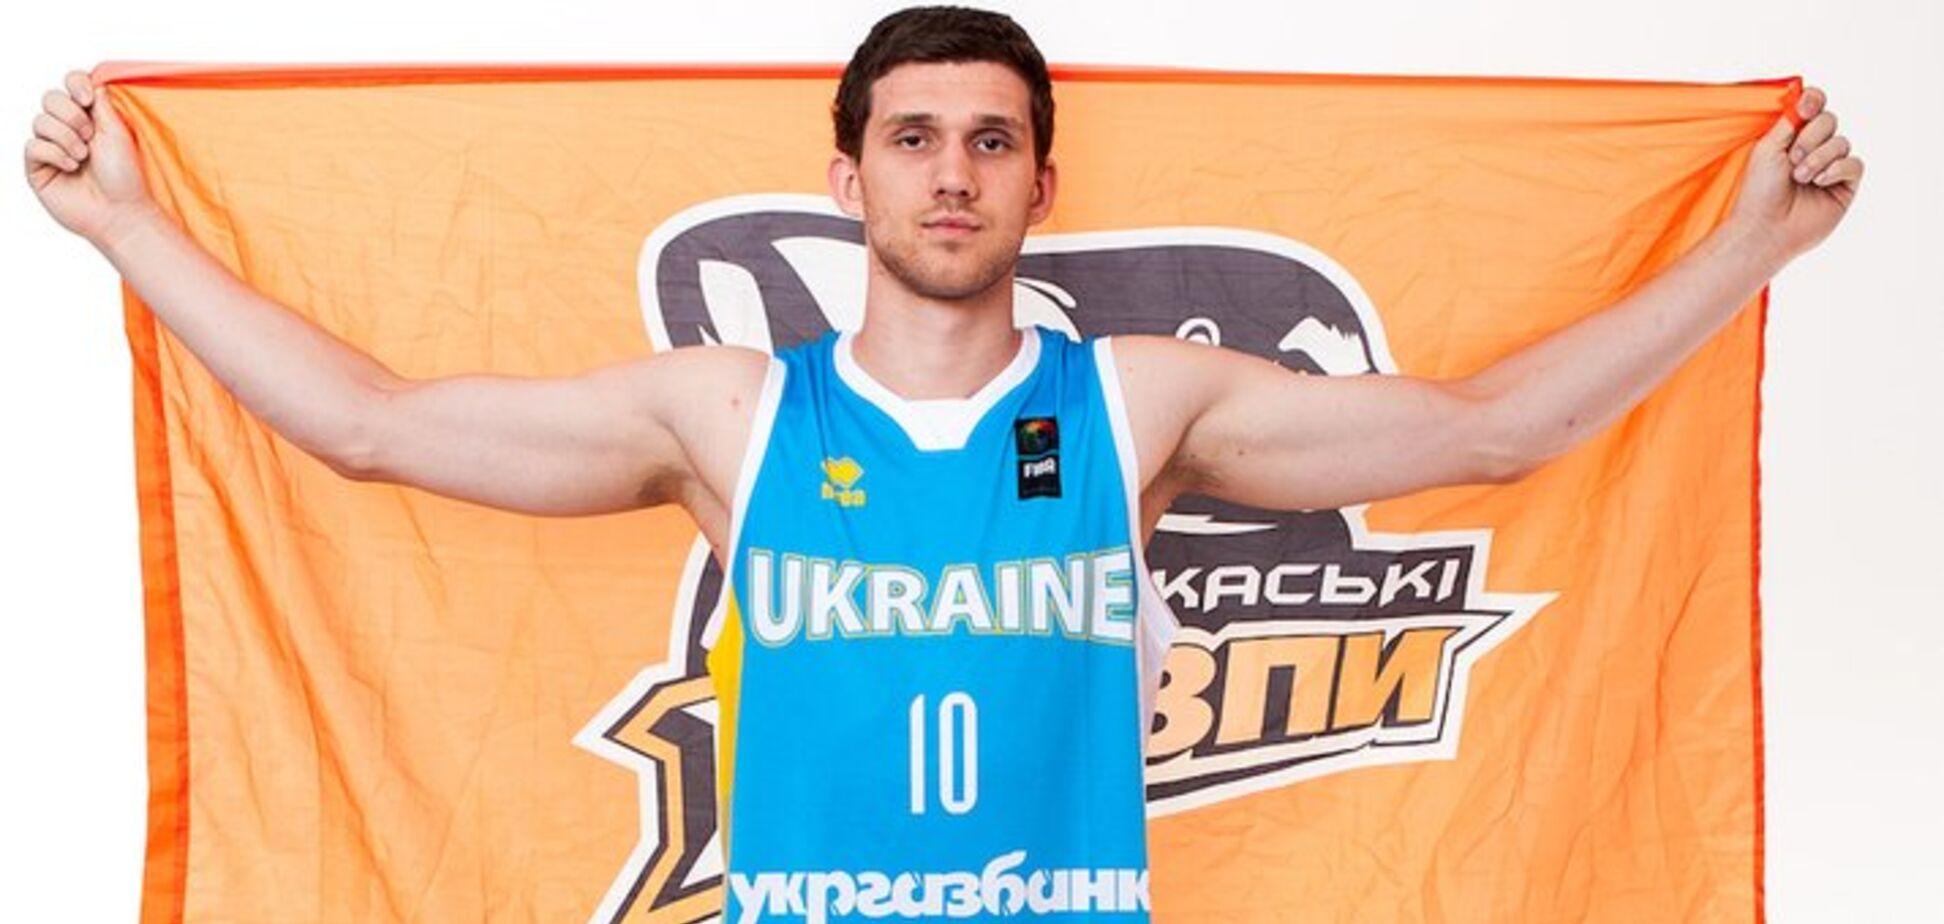 'Я зрозумів одне': як українець Михайлюк підкорює НБА